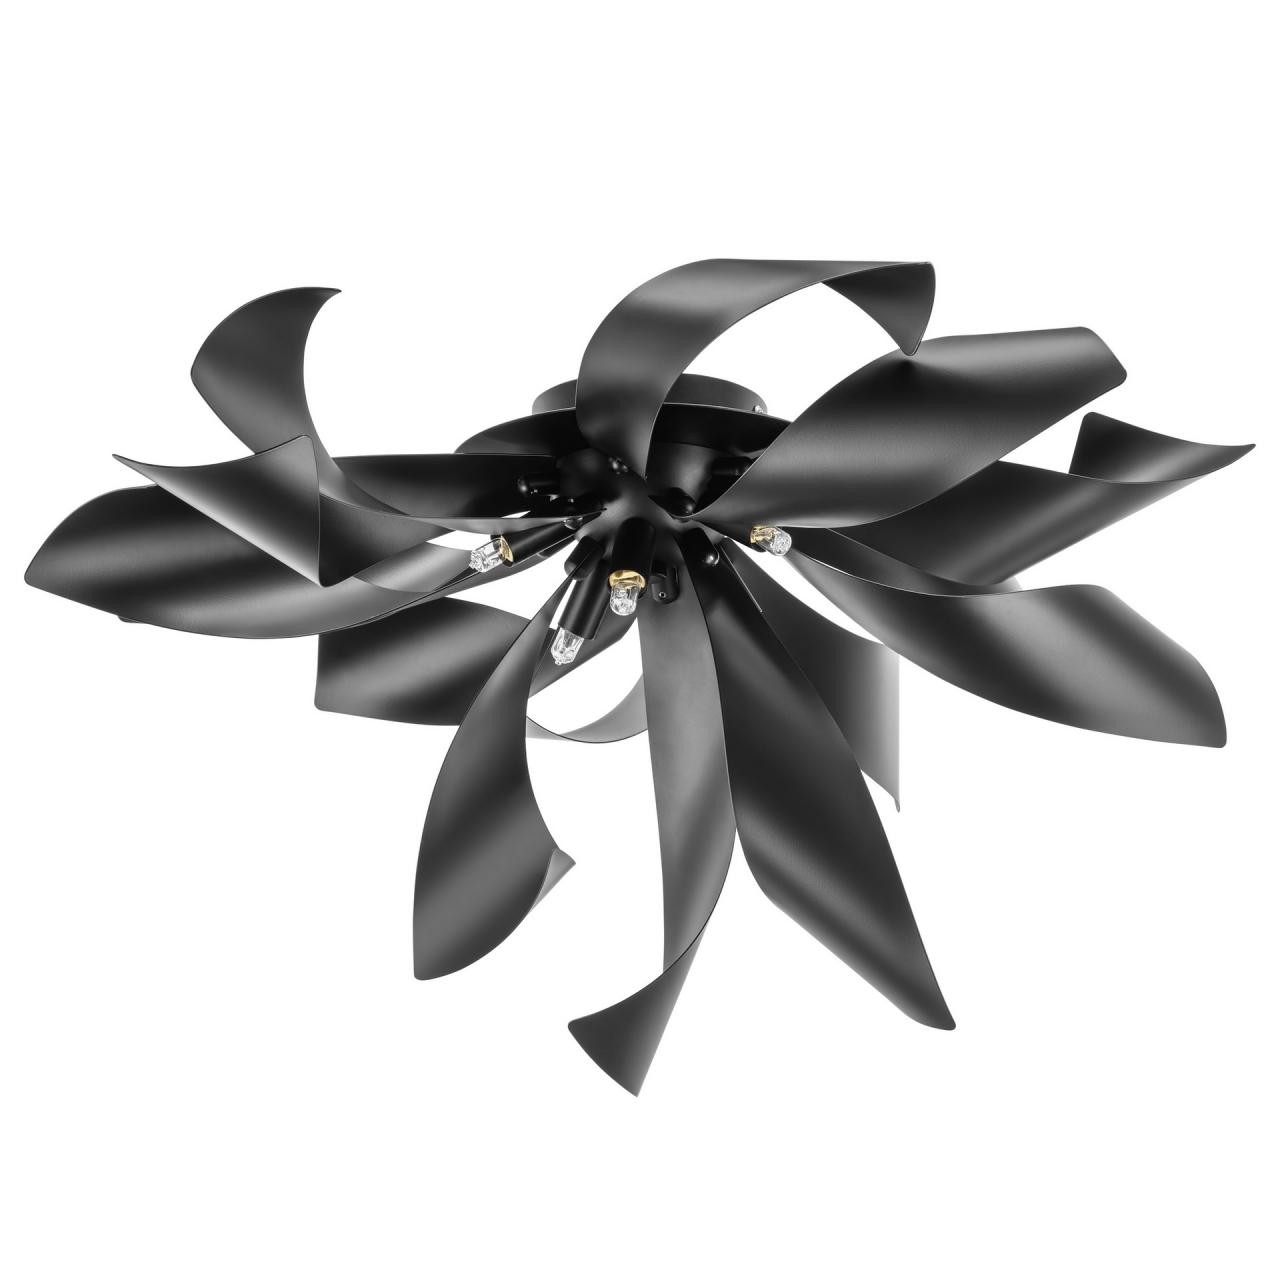 Люстра потолочная Turbio 6Х40W G9 матовая чёрная Lightstar 754167